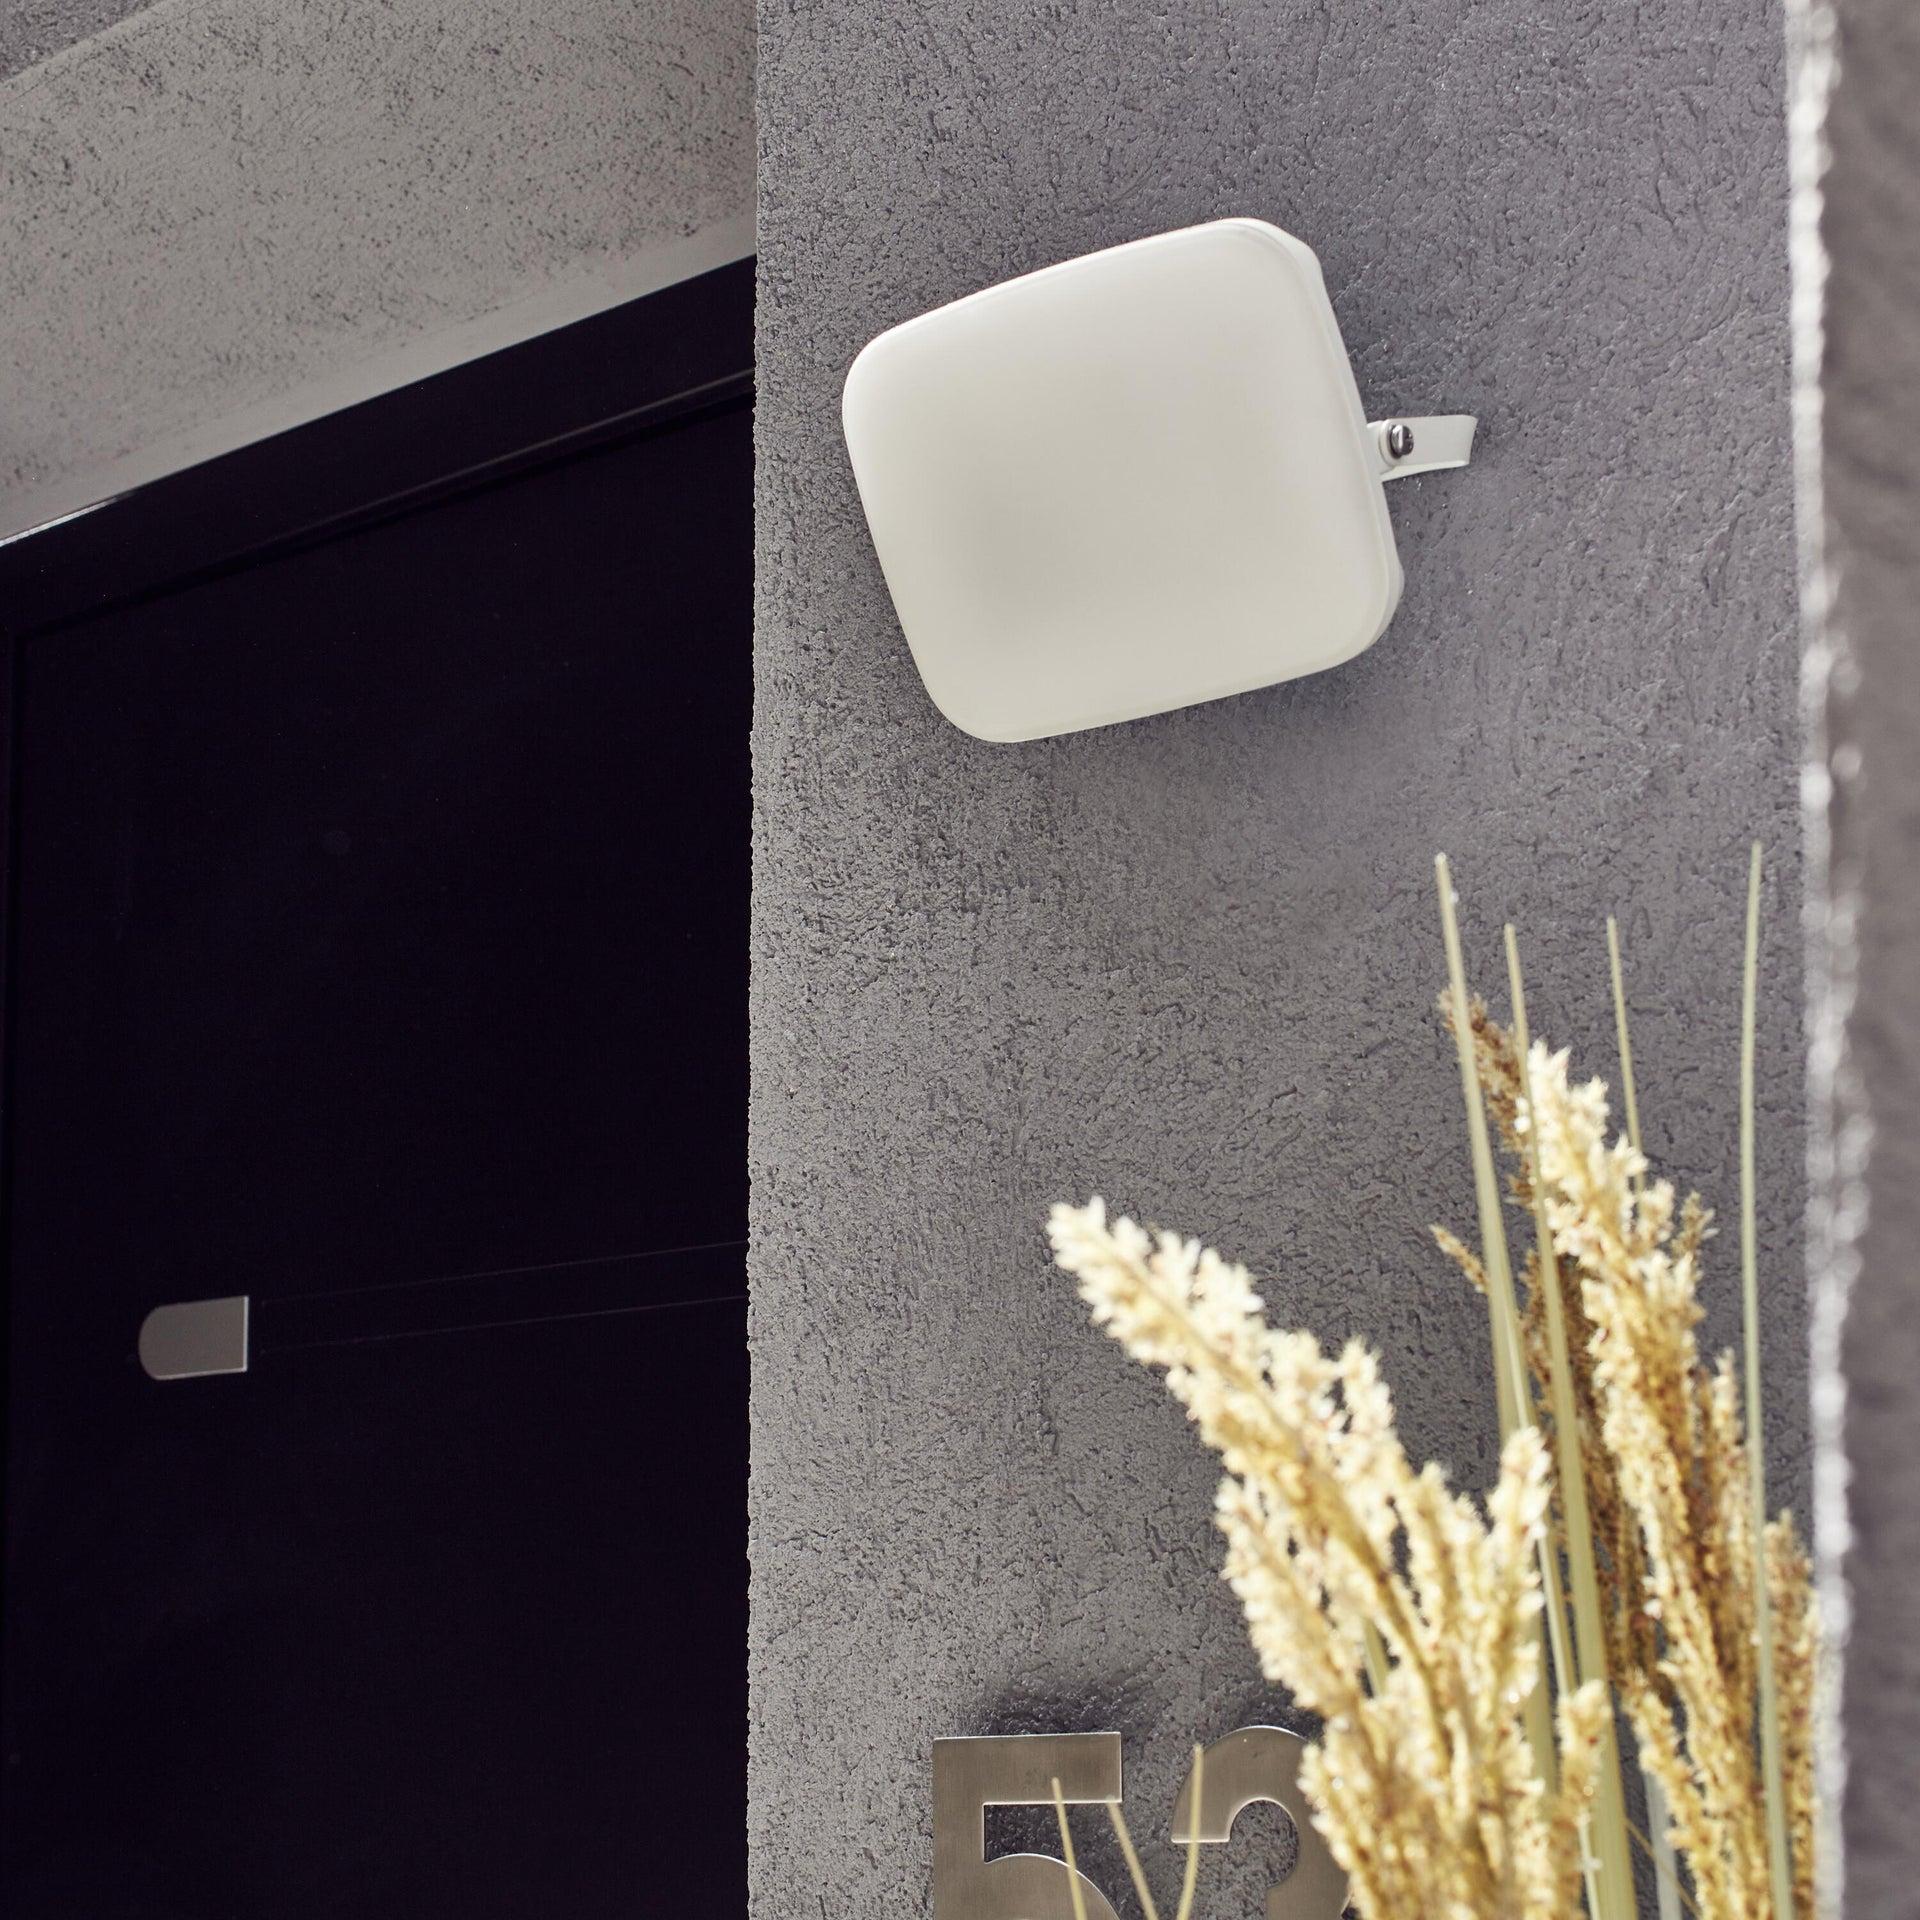 Proiettore LED integrato Kanti in alluminio, bianco, 30W 2000LM IP65 INSPIRE - 1